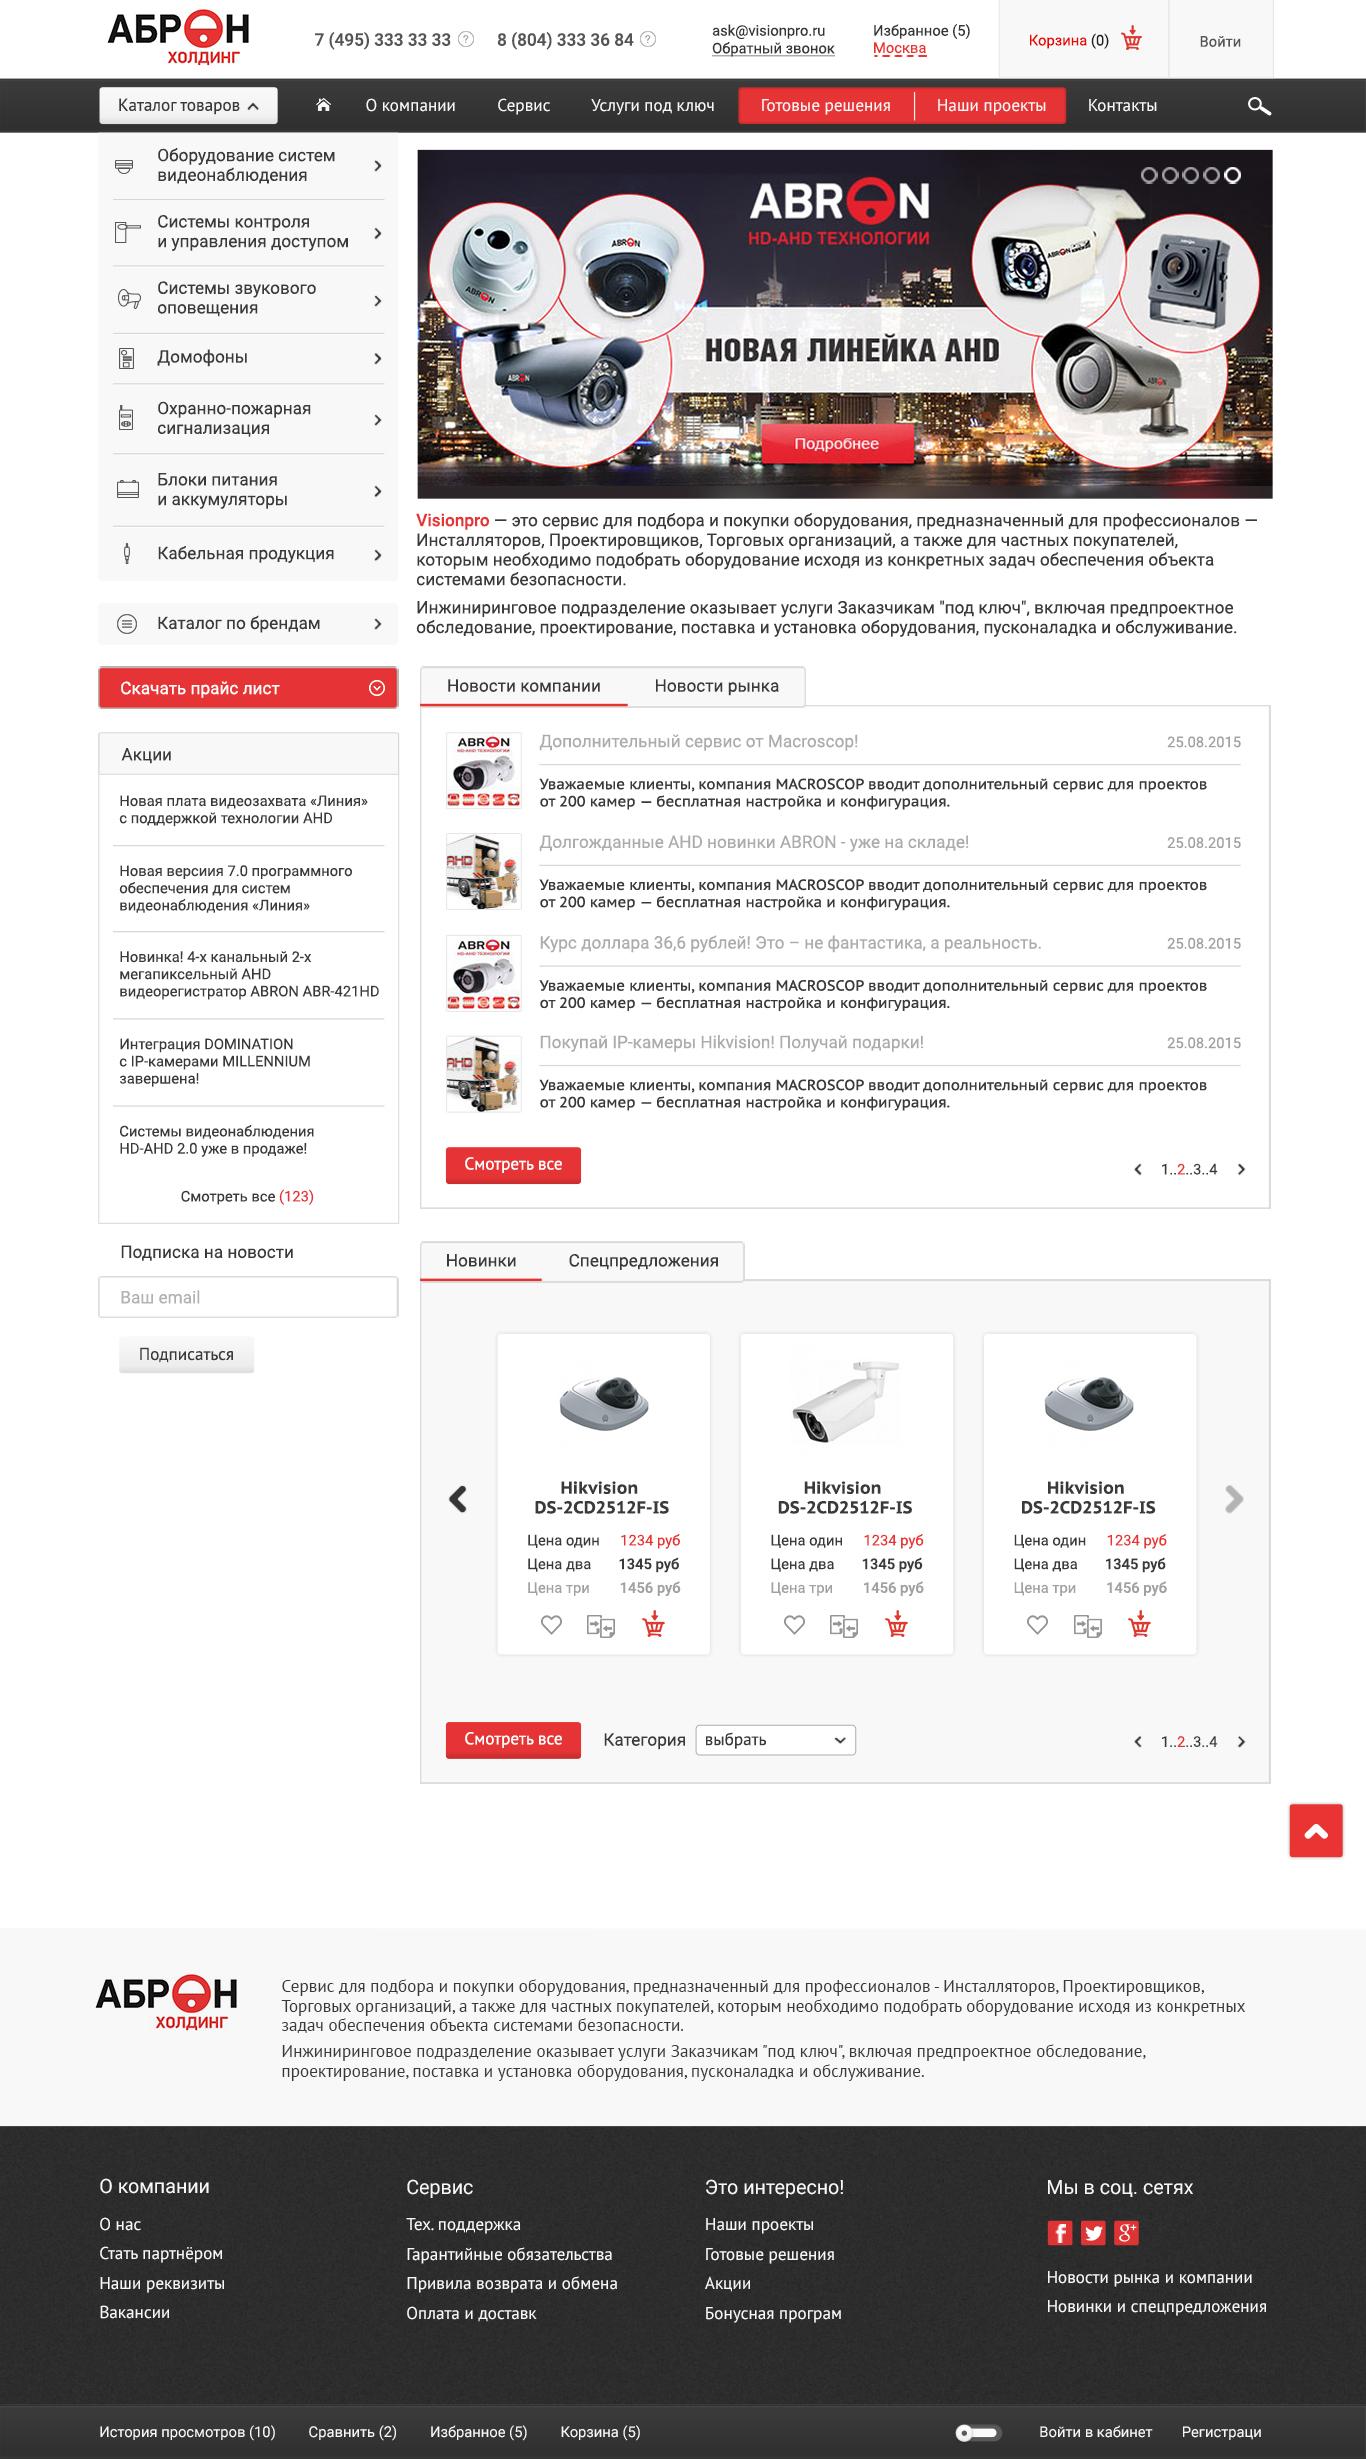 Visionpro — сервис для подбора и покупки оборудования систем безопасности.